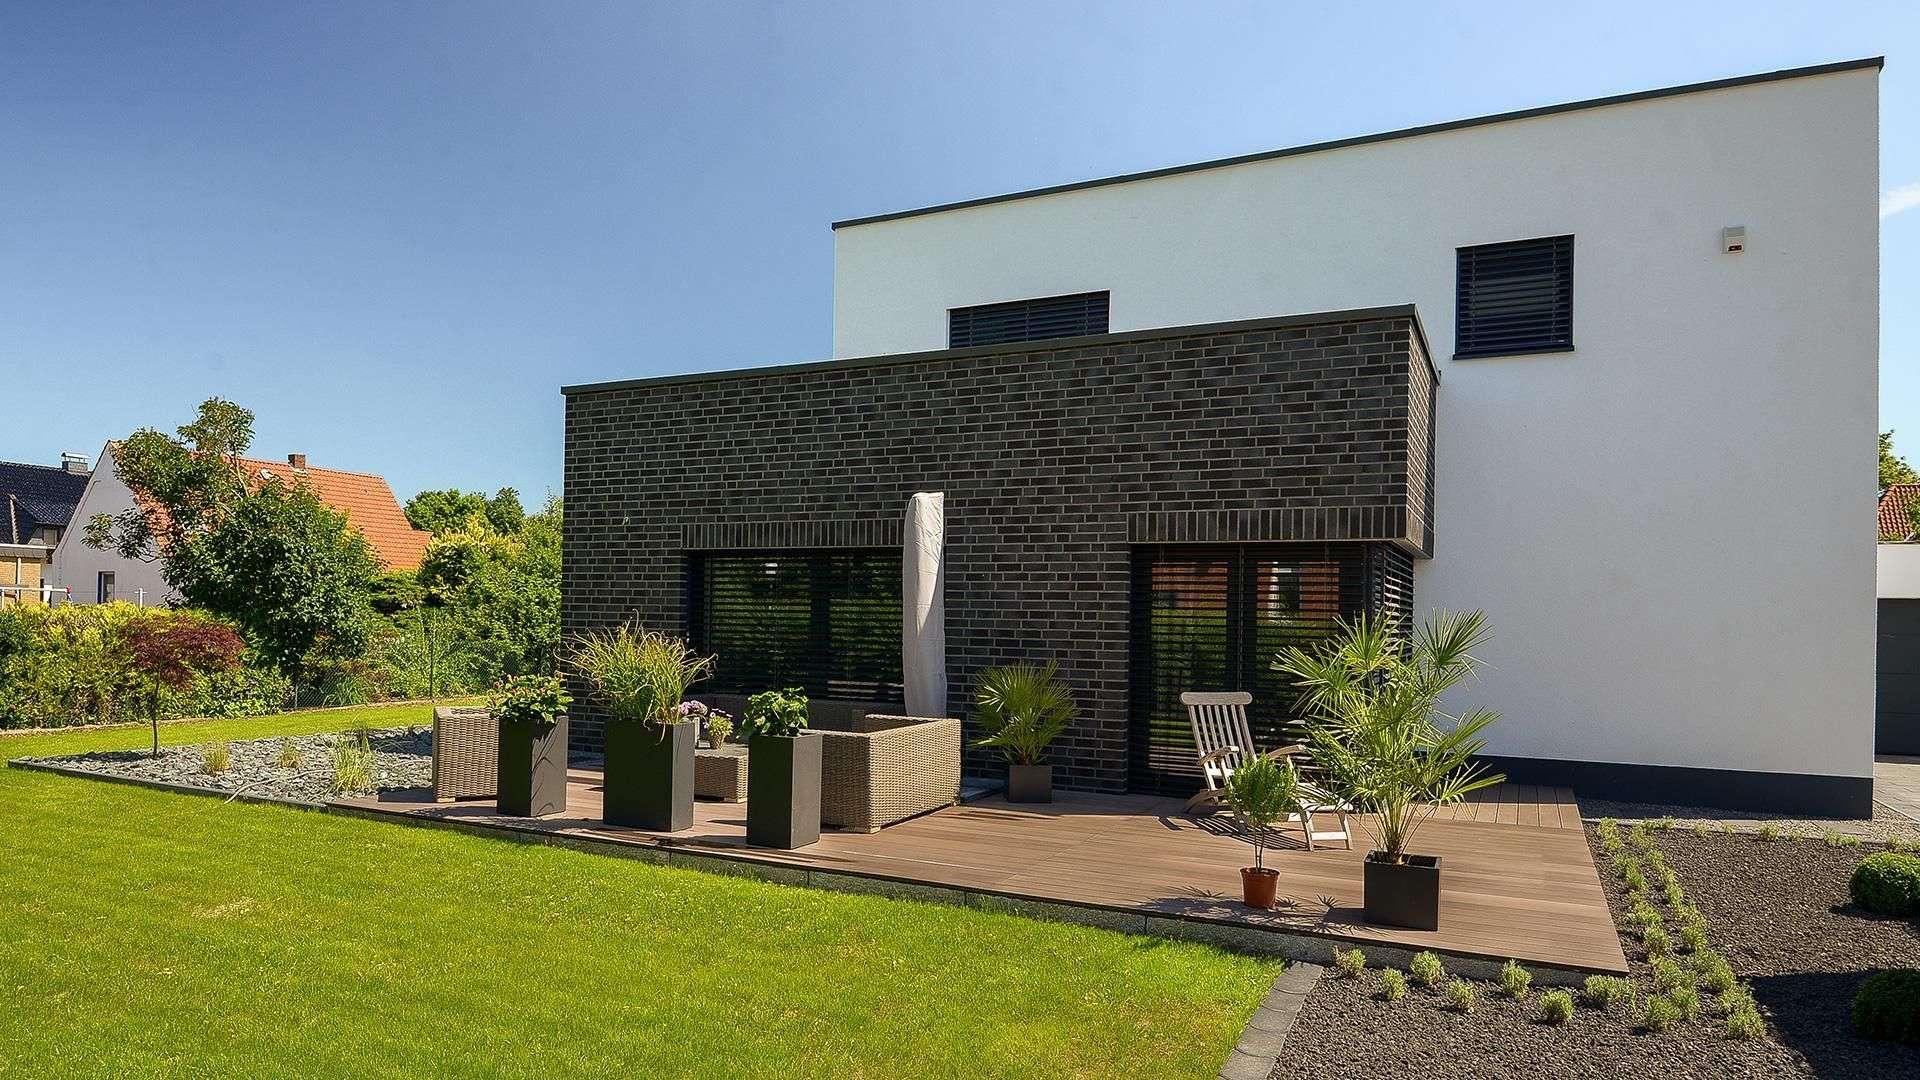 Flachdachhaus mit großer Terrasse und großem Garten